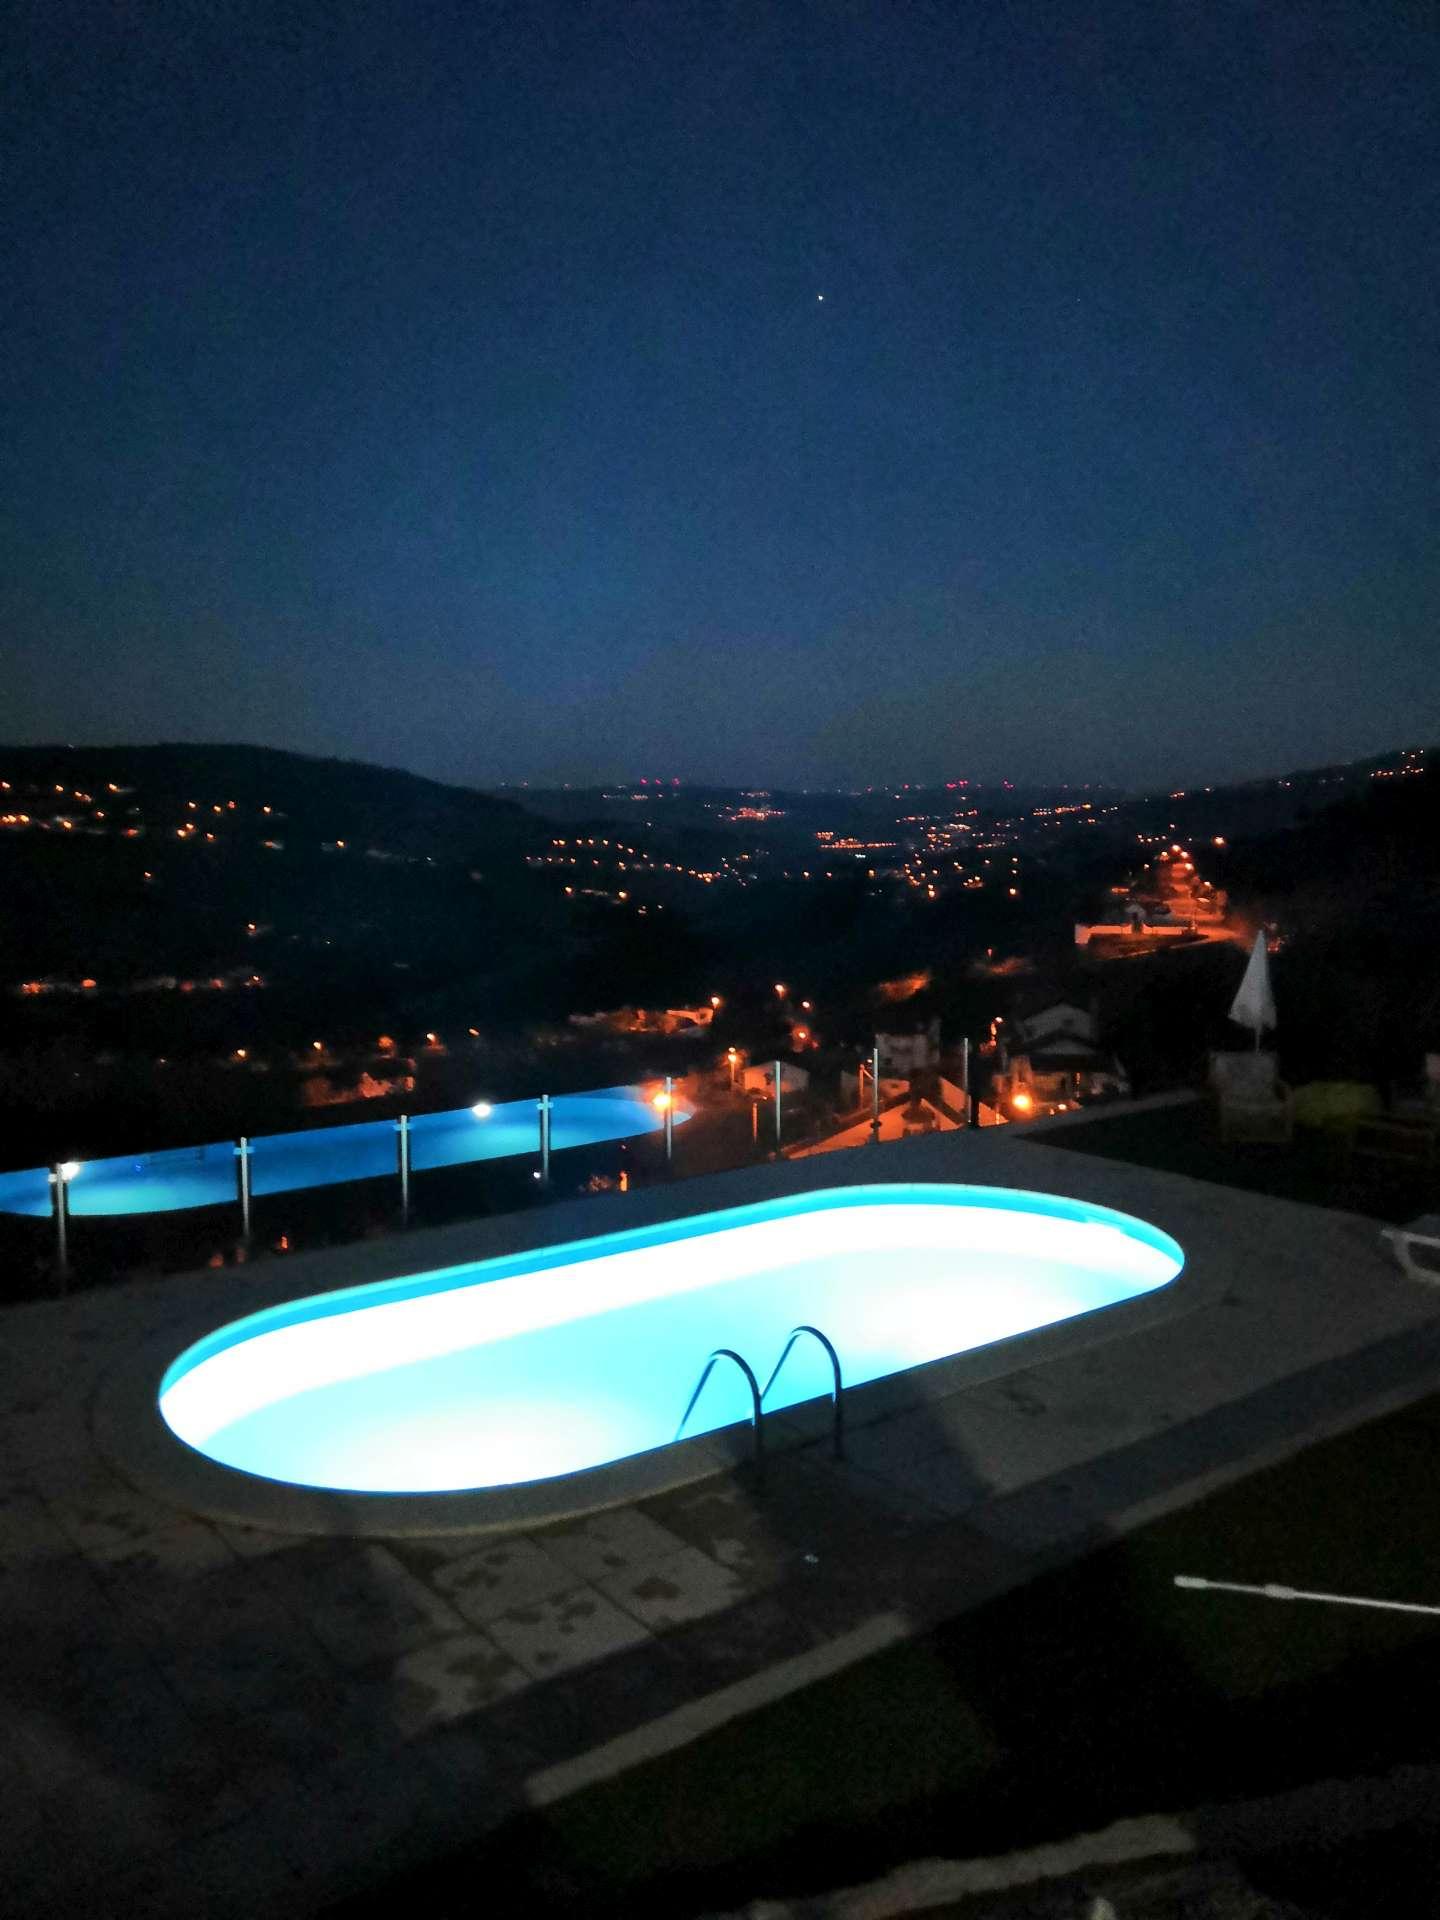 Tuhle fotku sem dávám záměrně. Znamená poslední noc v Sedielos a zároveň konec našeho červnového Výletu za portským.